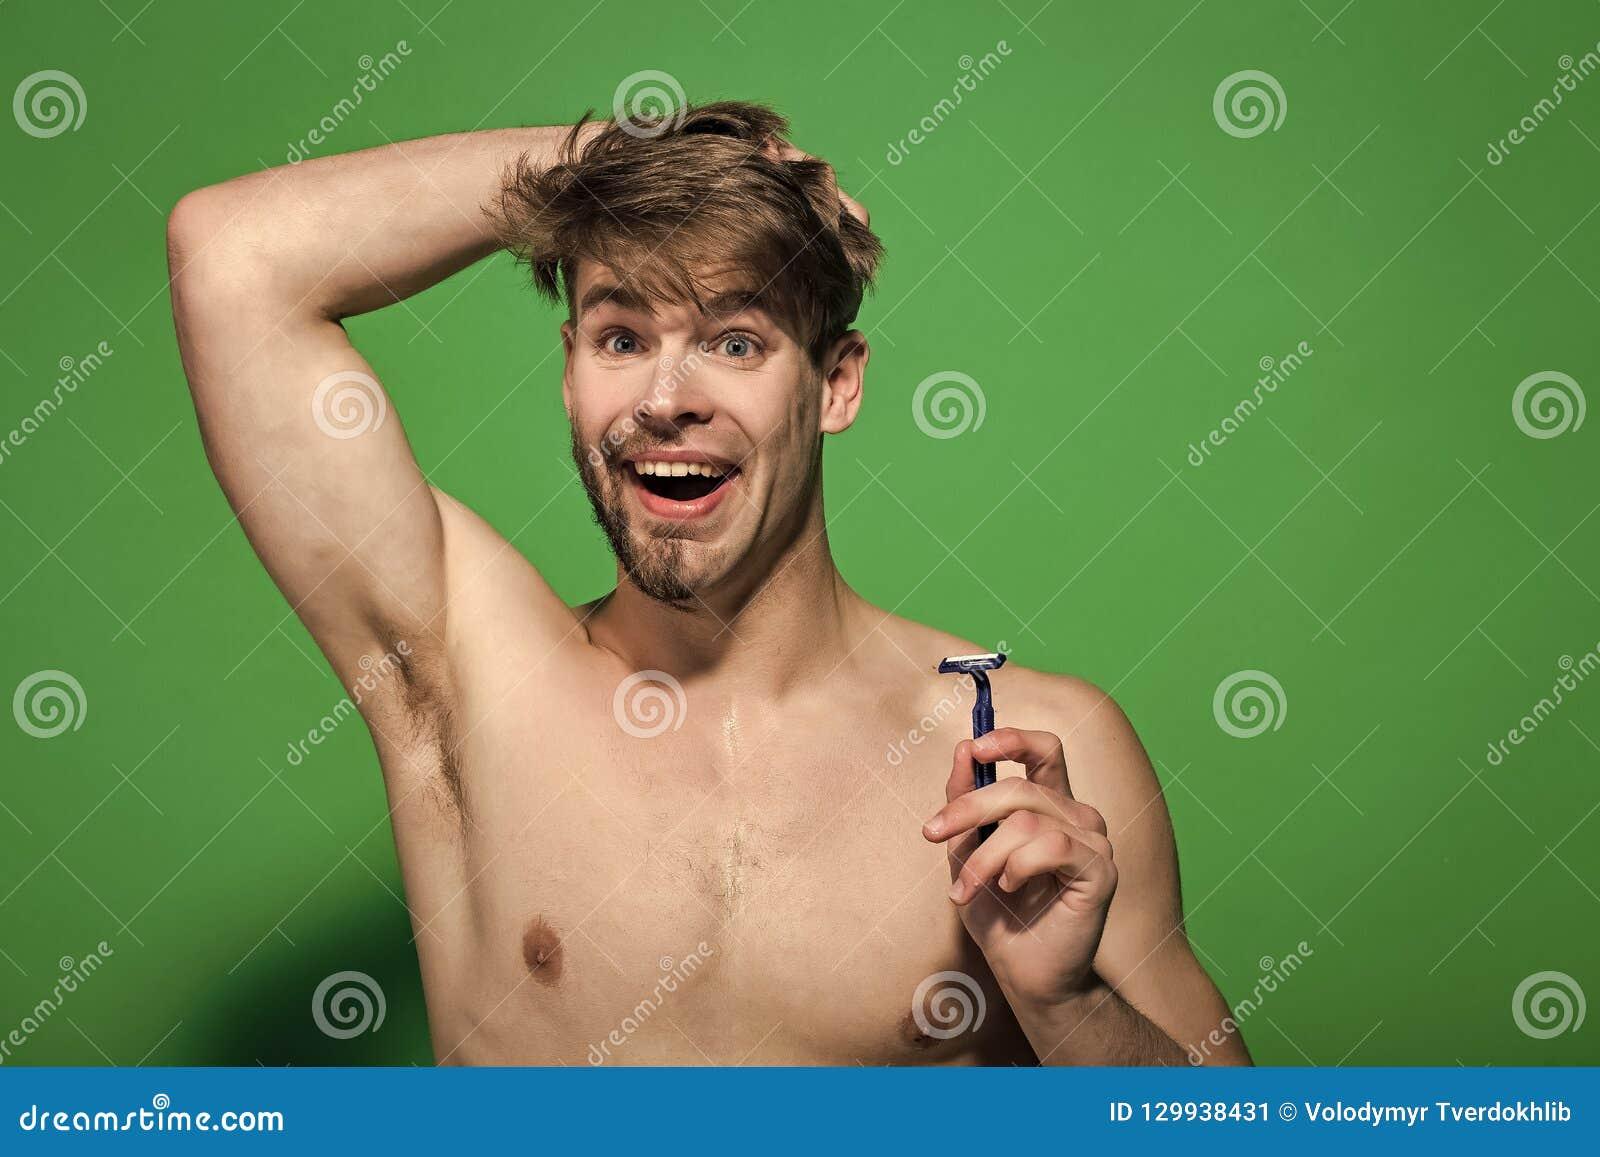 Mens met scheermesglimlach met half geschoren en gebaard gezicht